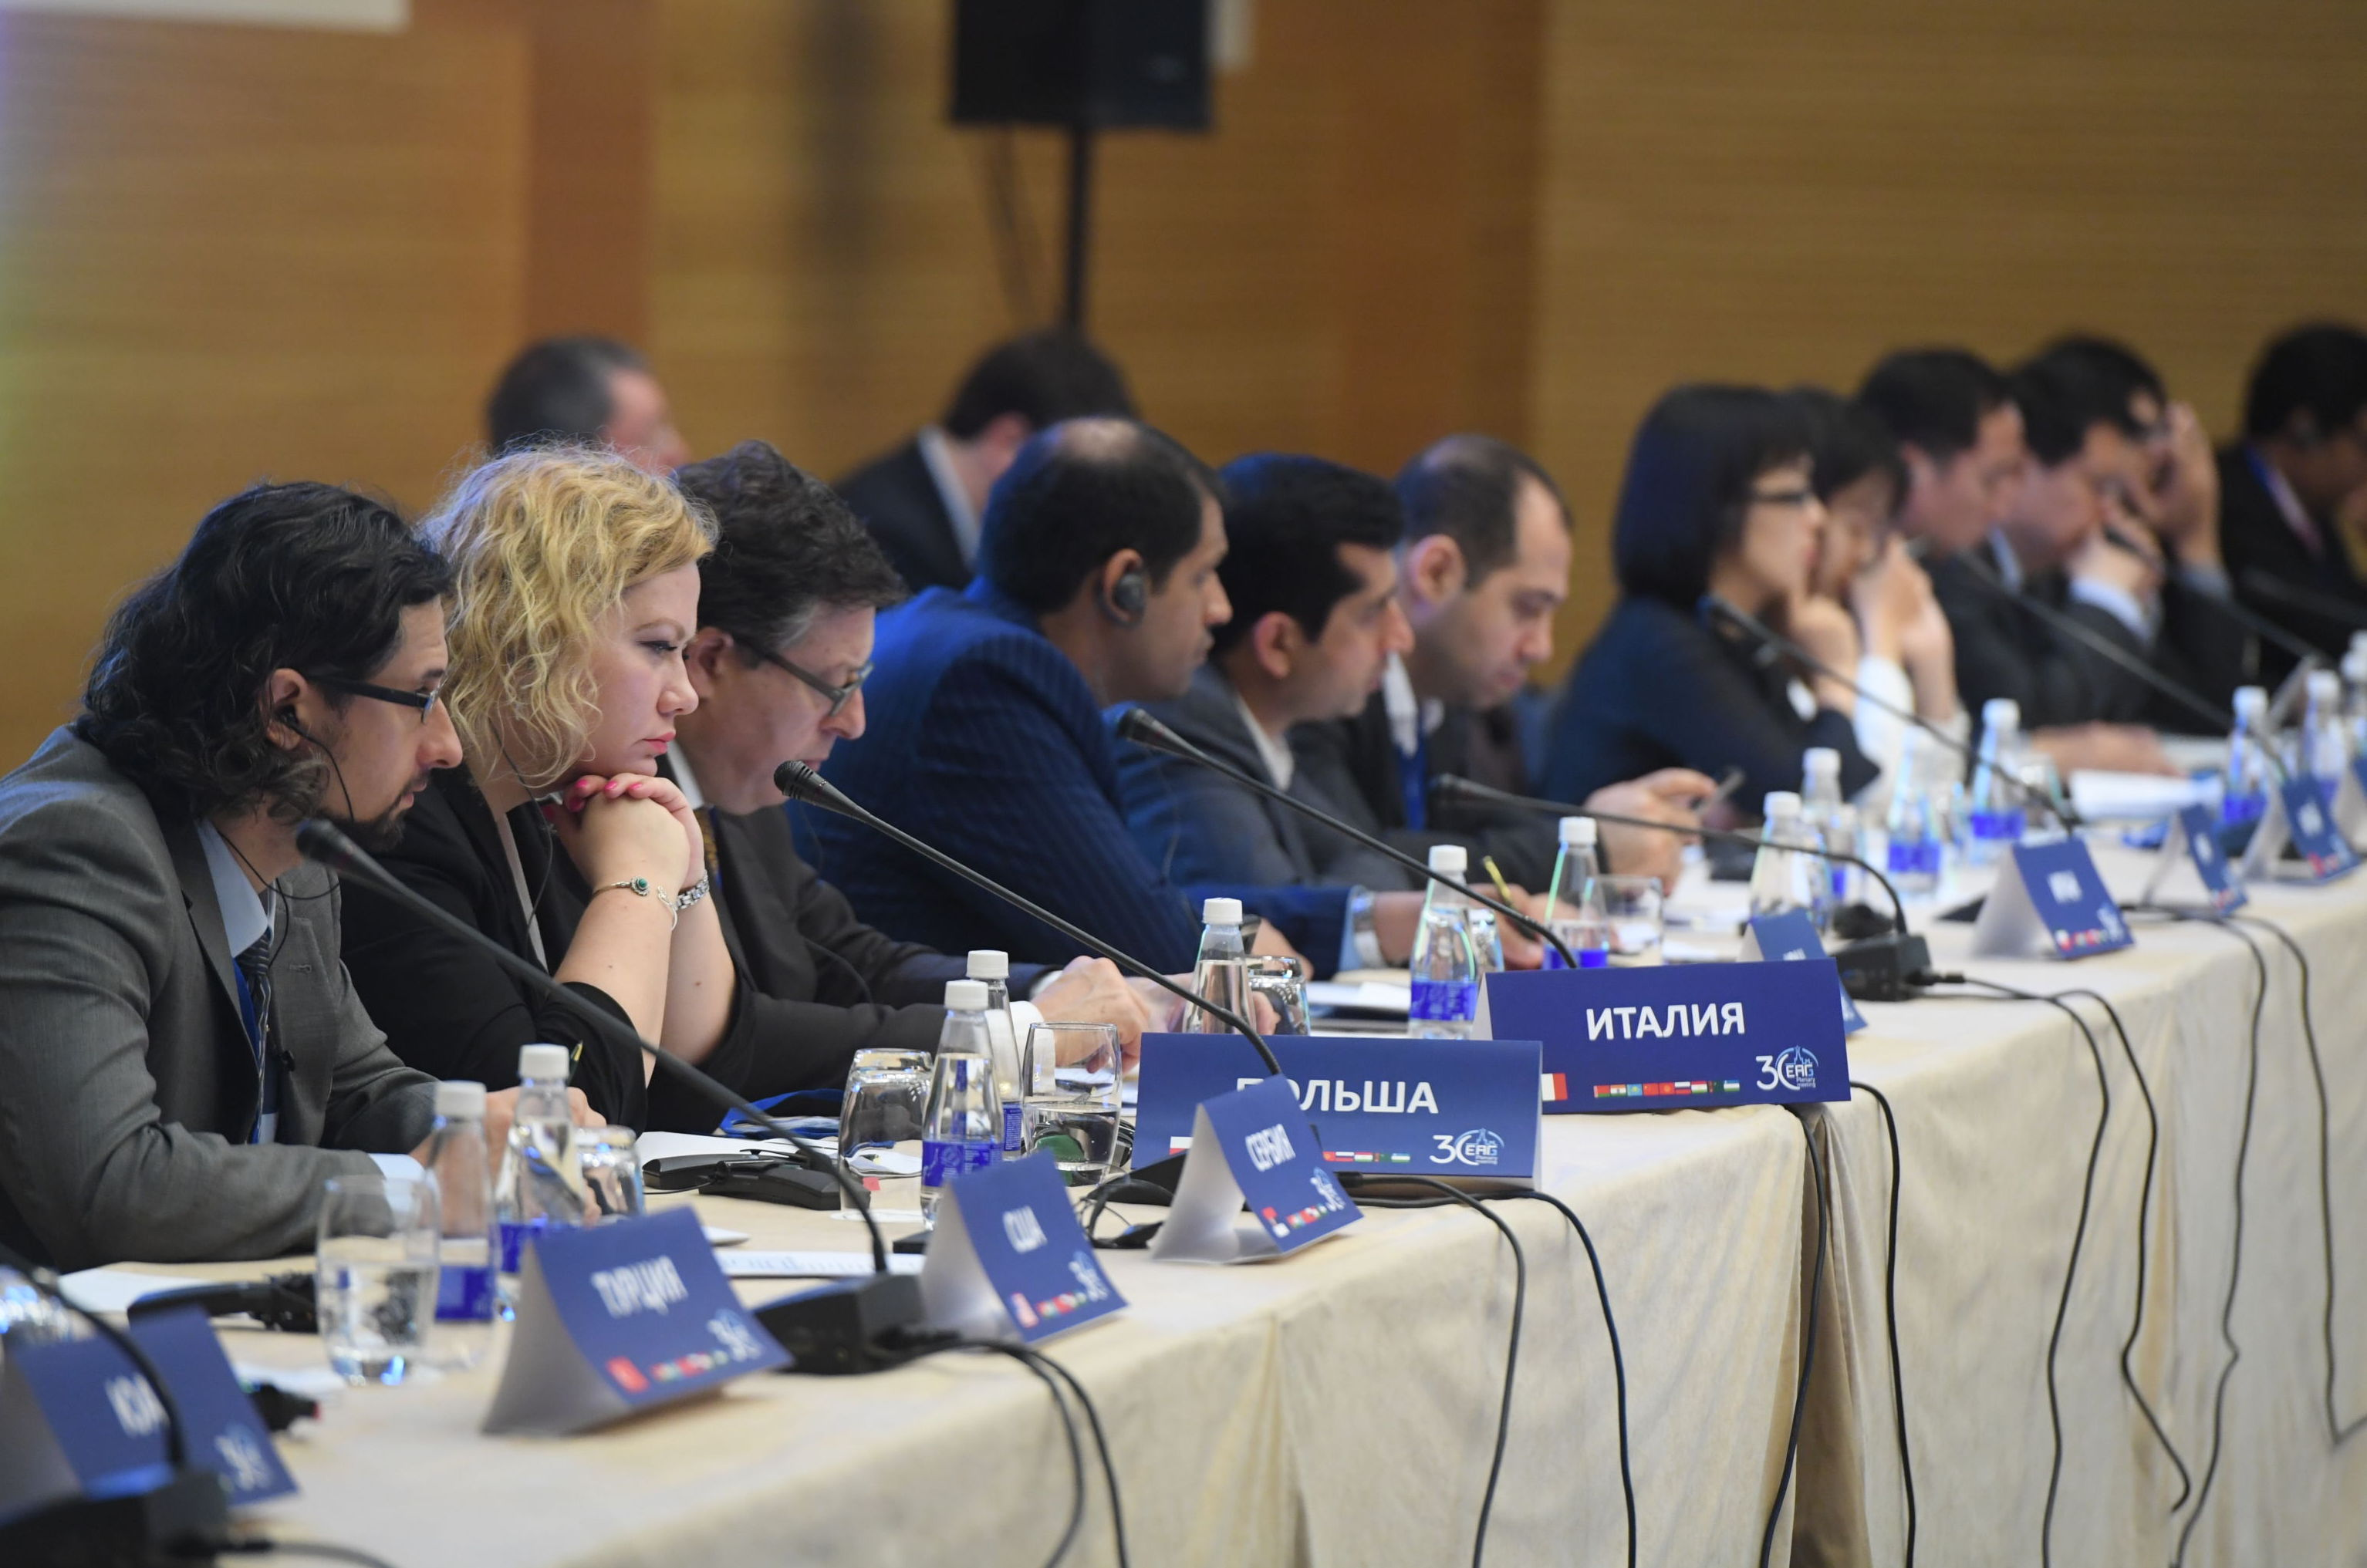 Форум по борьбе с отмыванием денег и финансированием терроризма в Москве